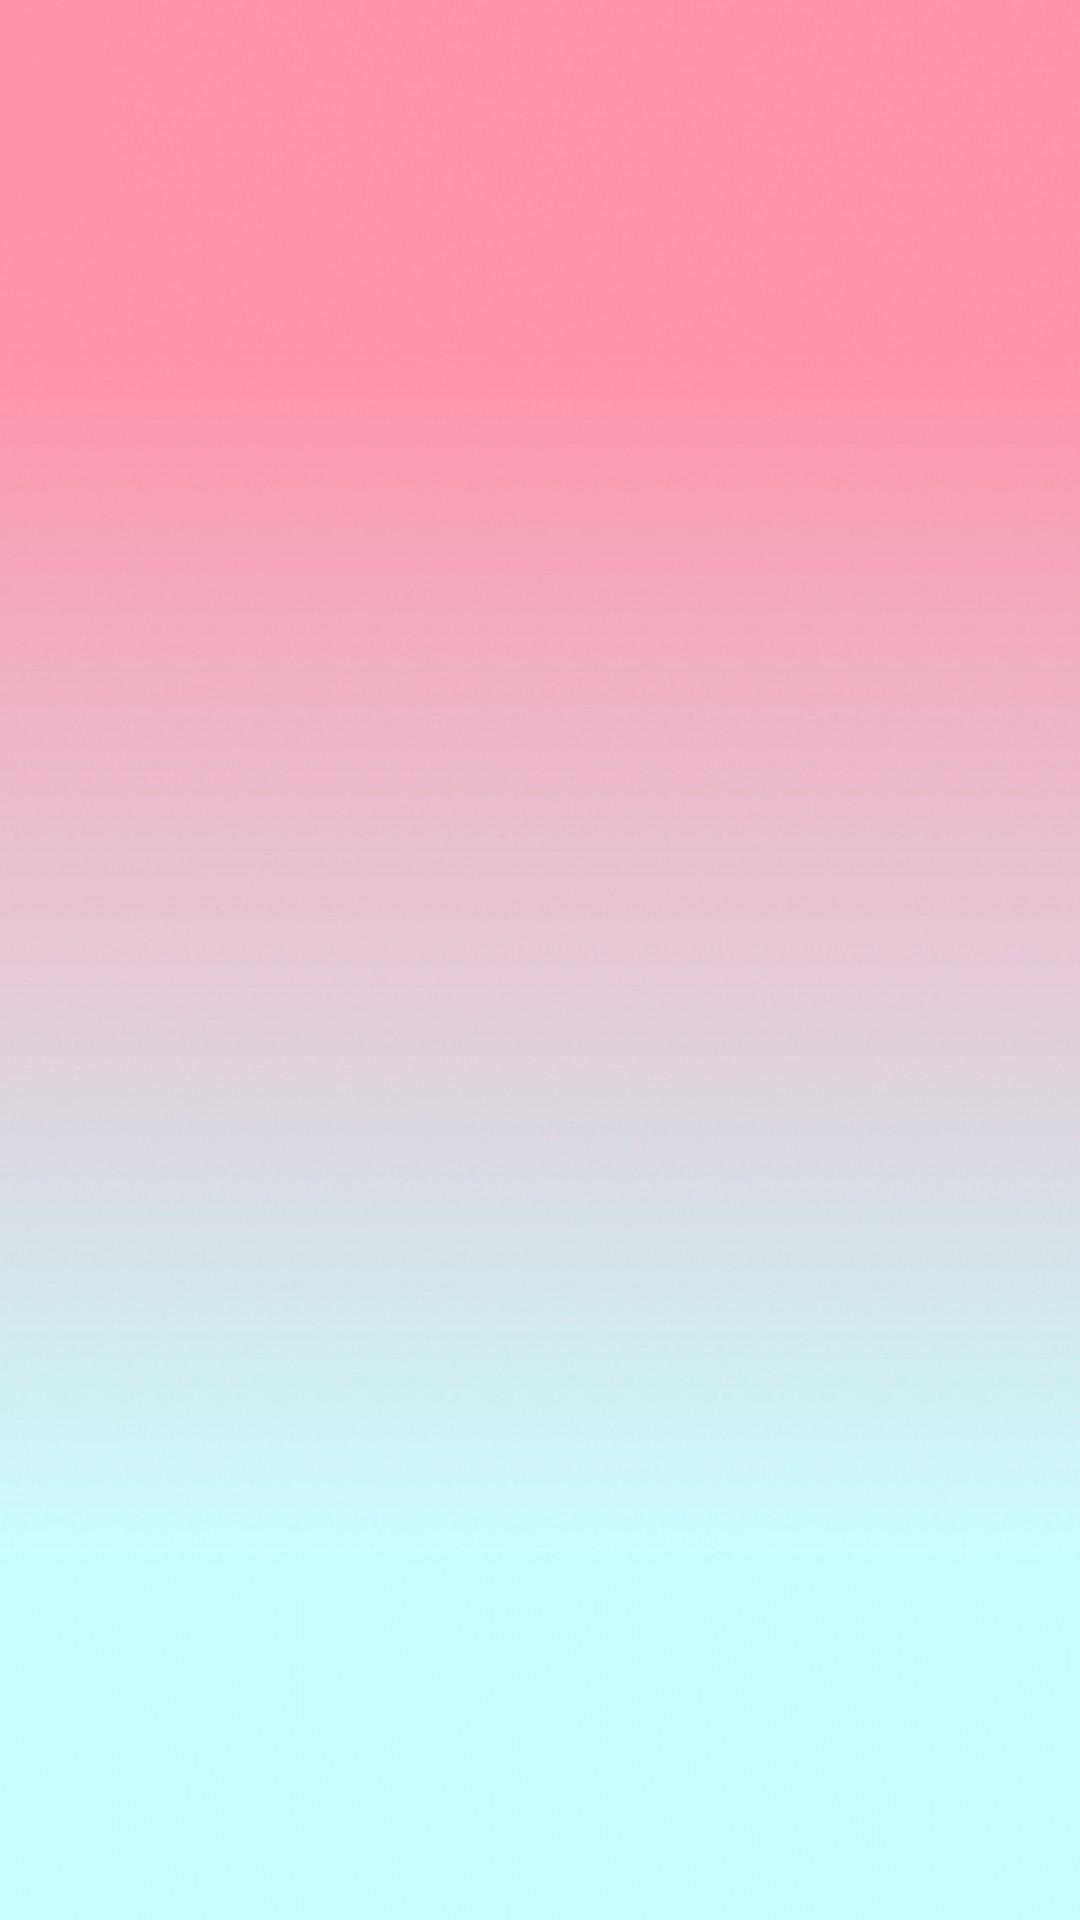 Light Pink iphone 7 wallpaper